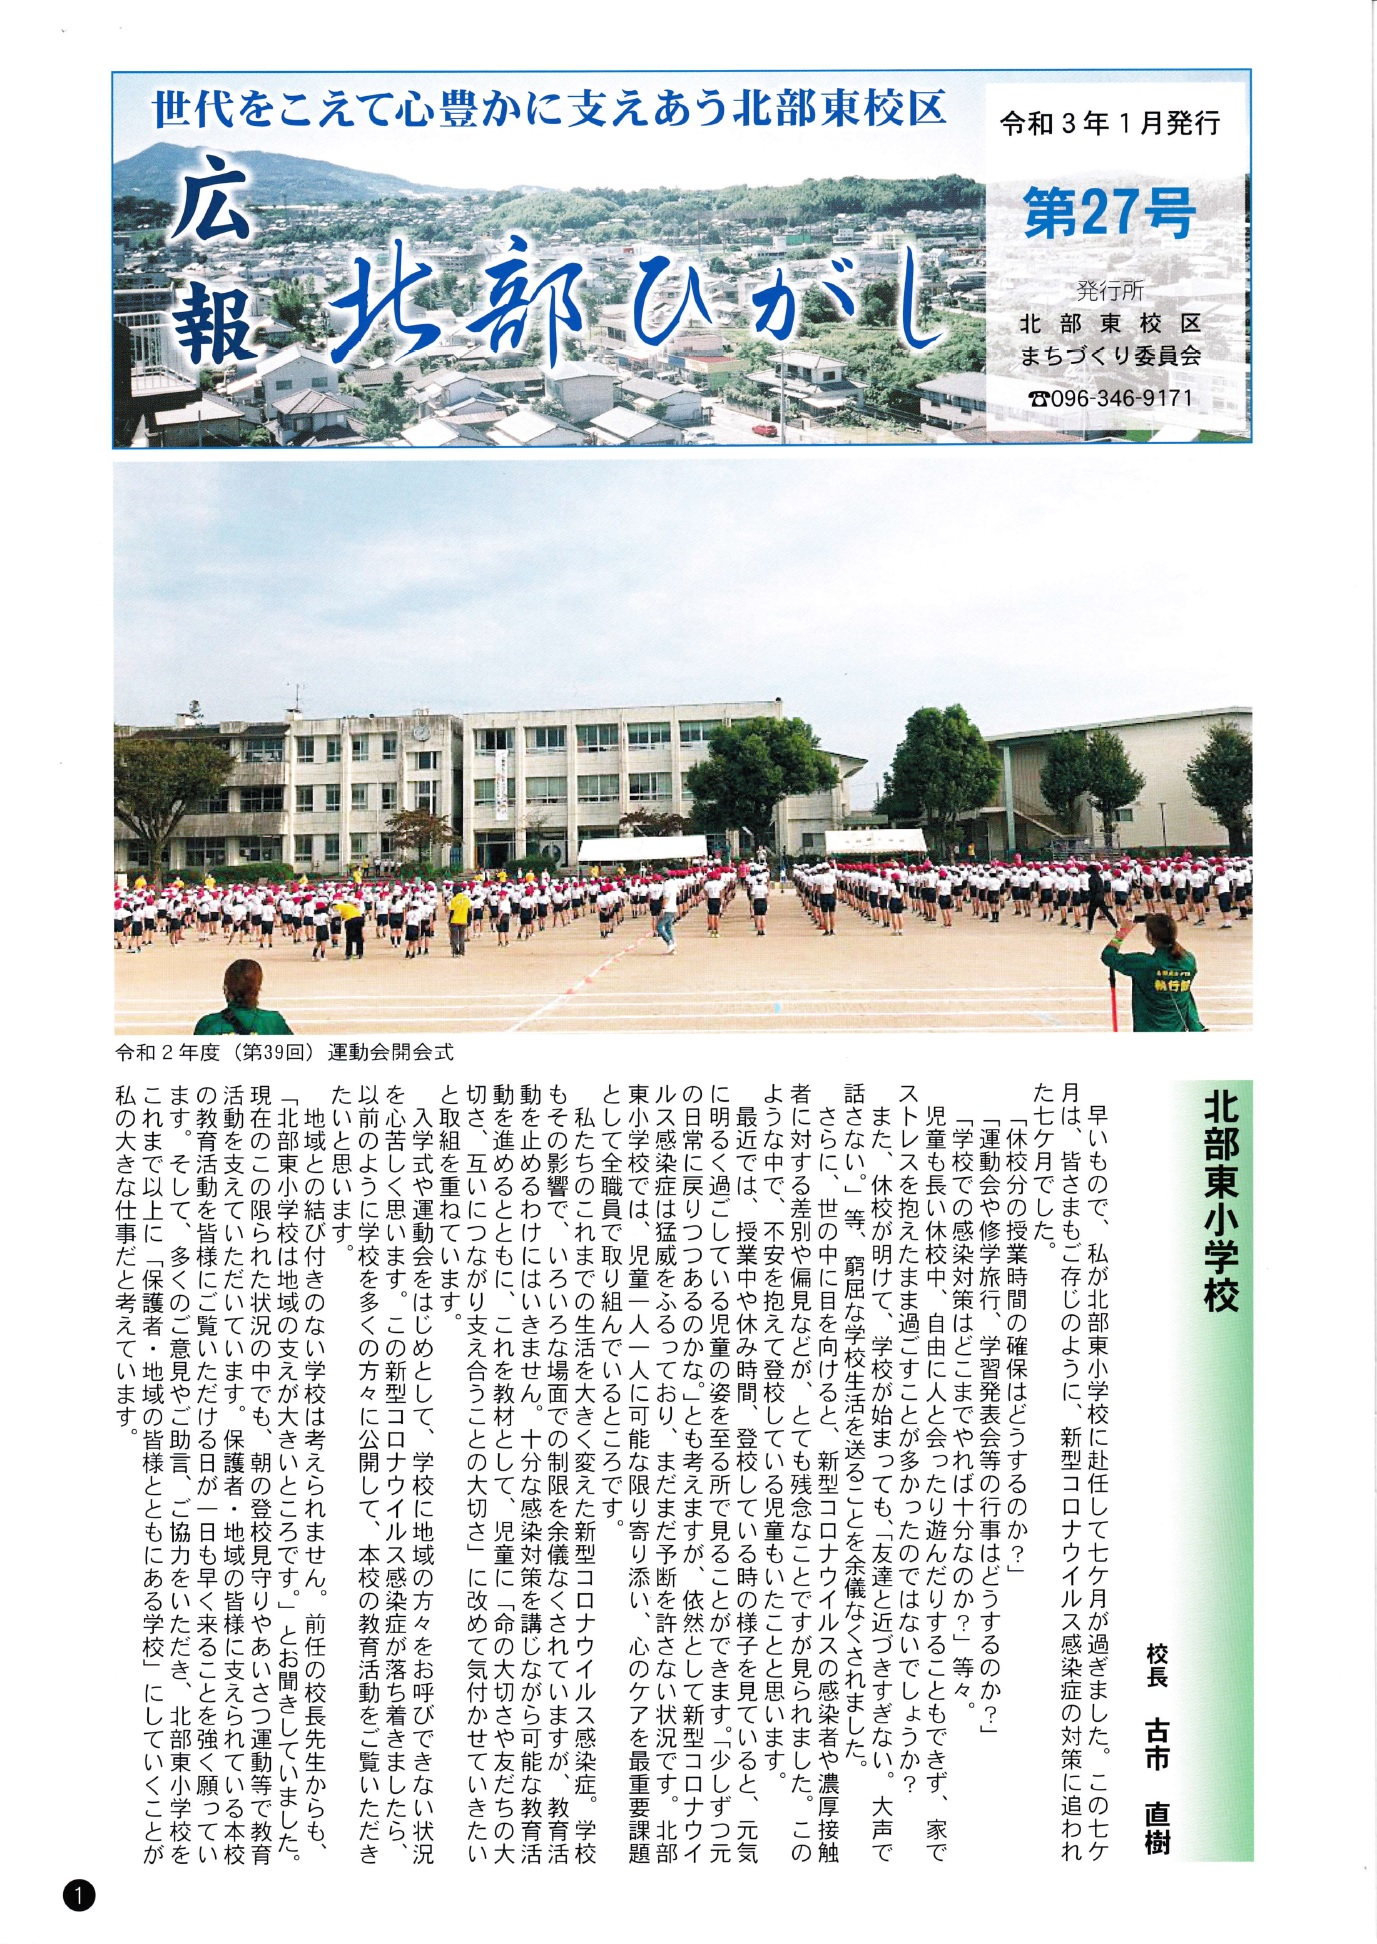 広報北部ひがし(令和3年1月発行)